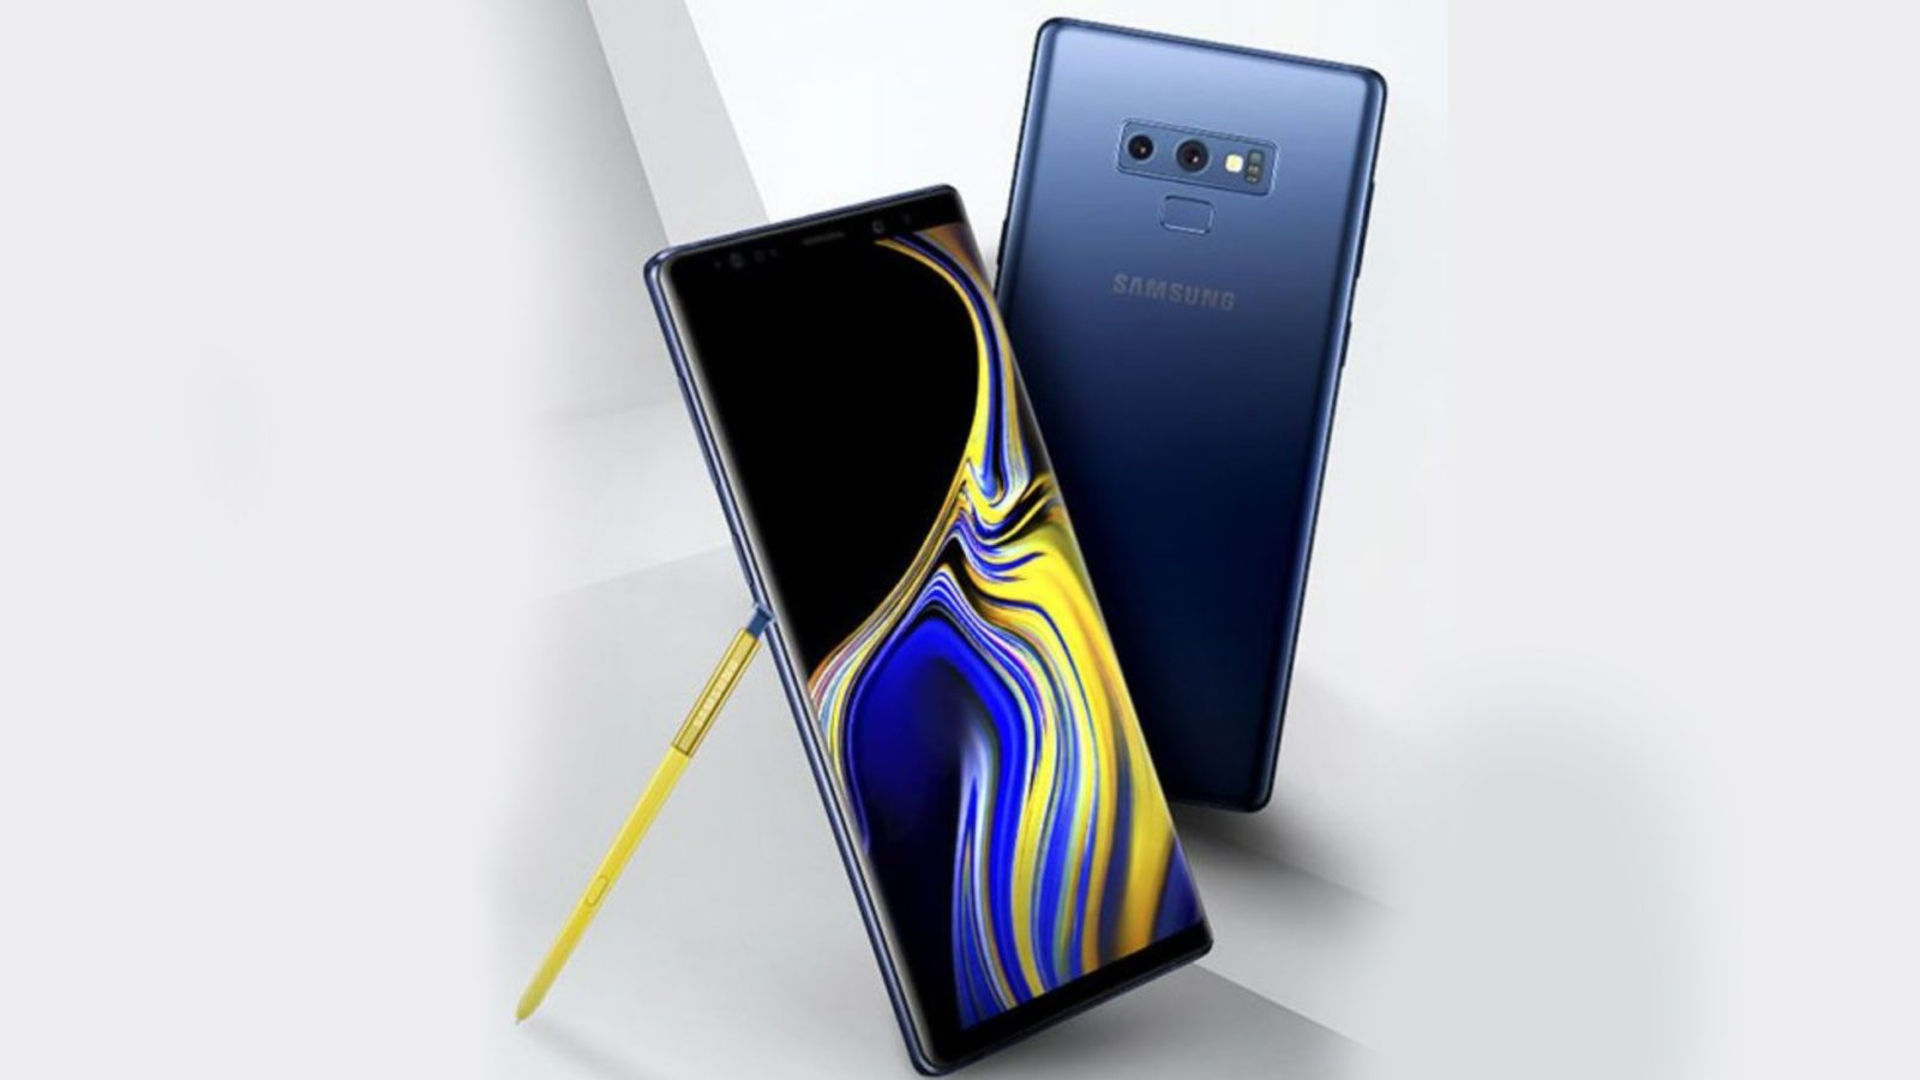 Samsung Galaxy Note 9 reacondicionados